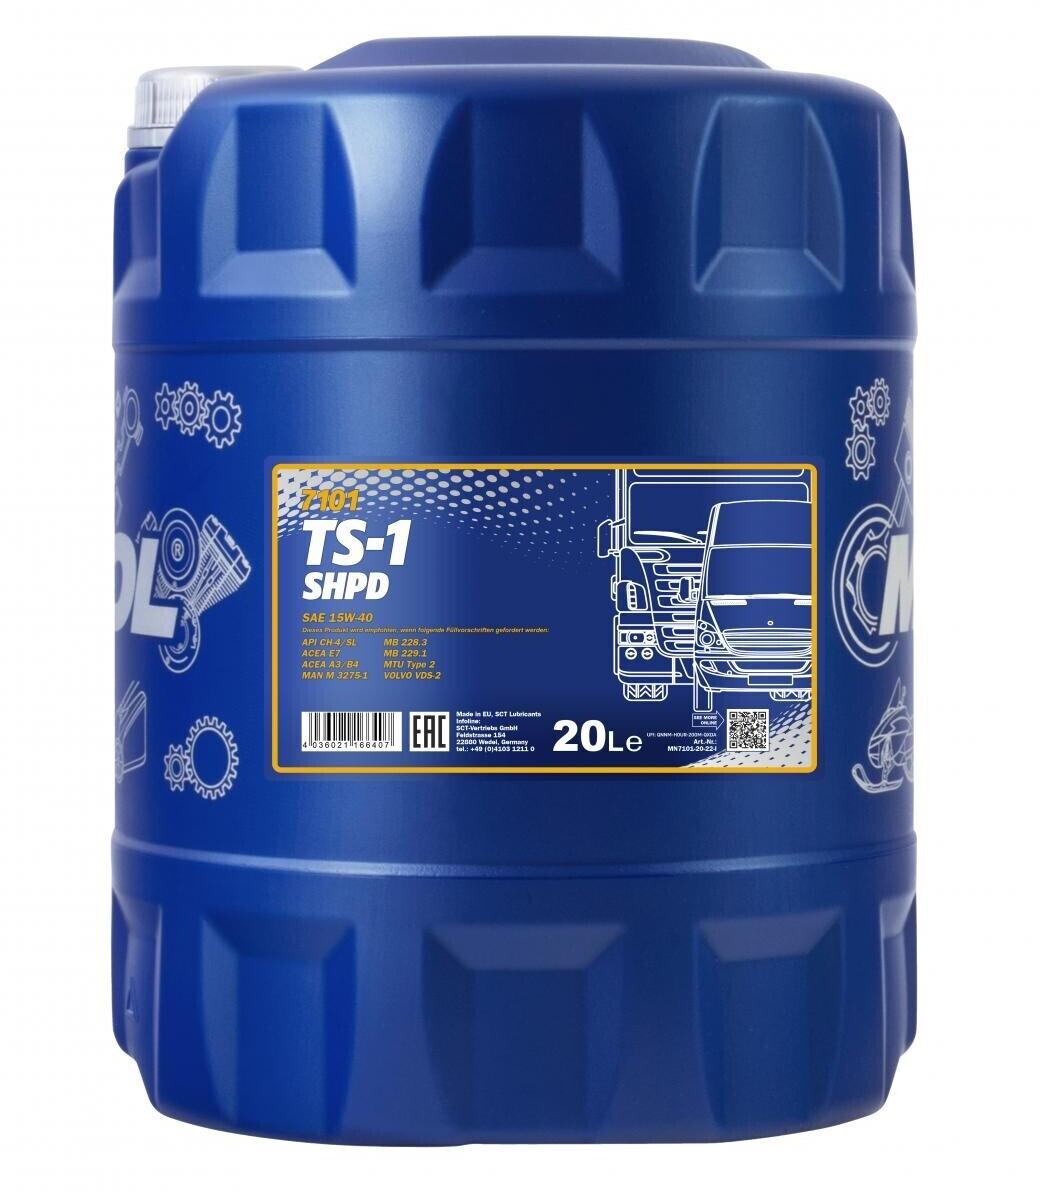 Mannol TS-1 SHPD 15w-40 (20 l)